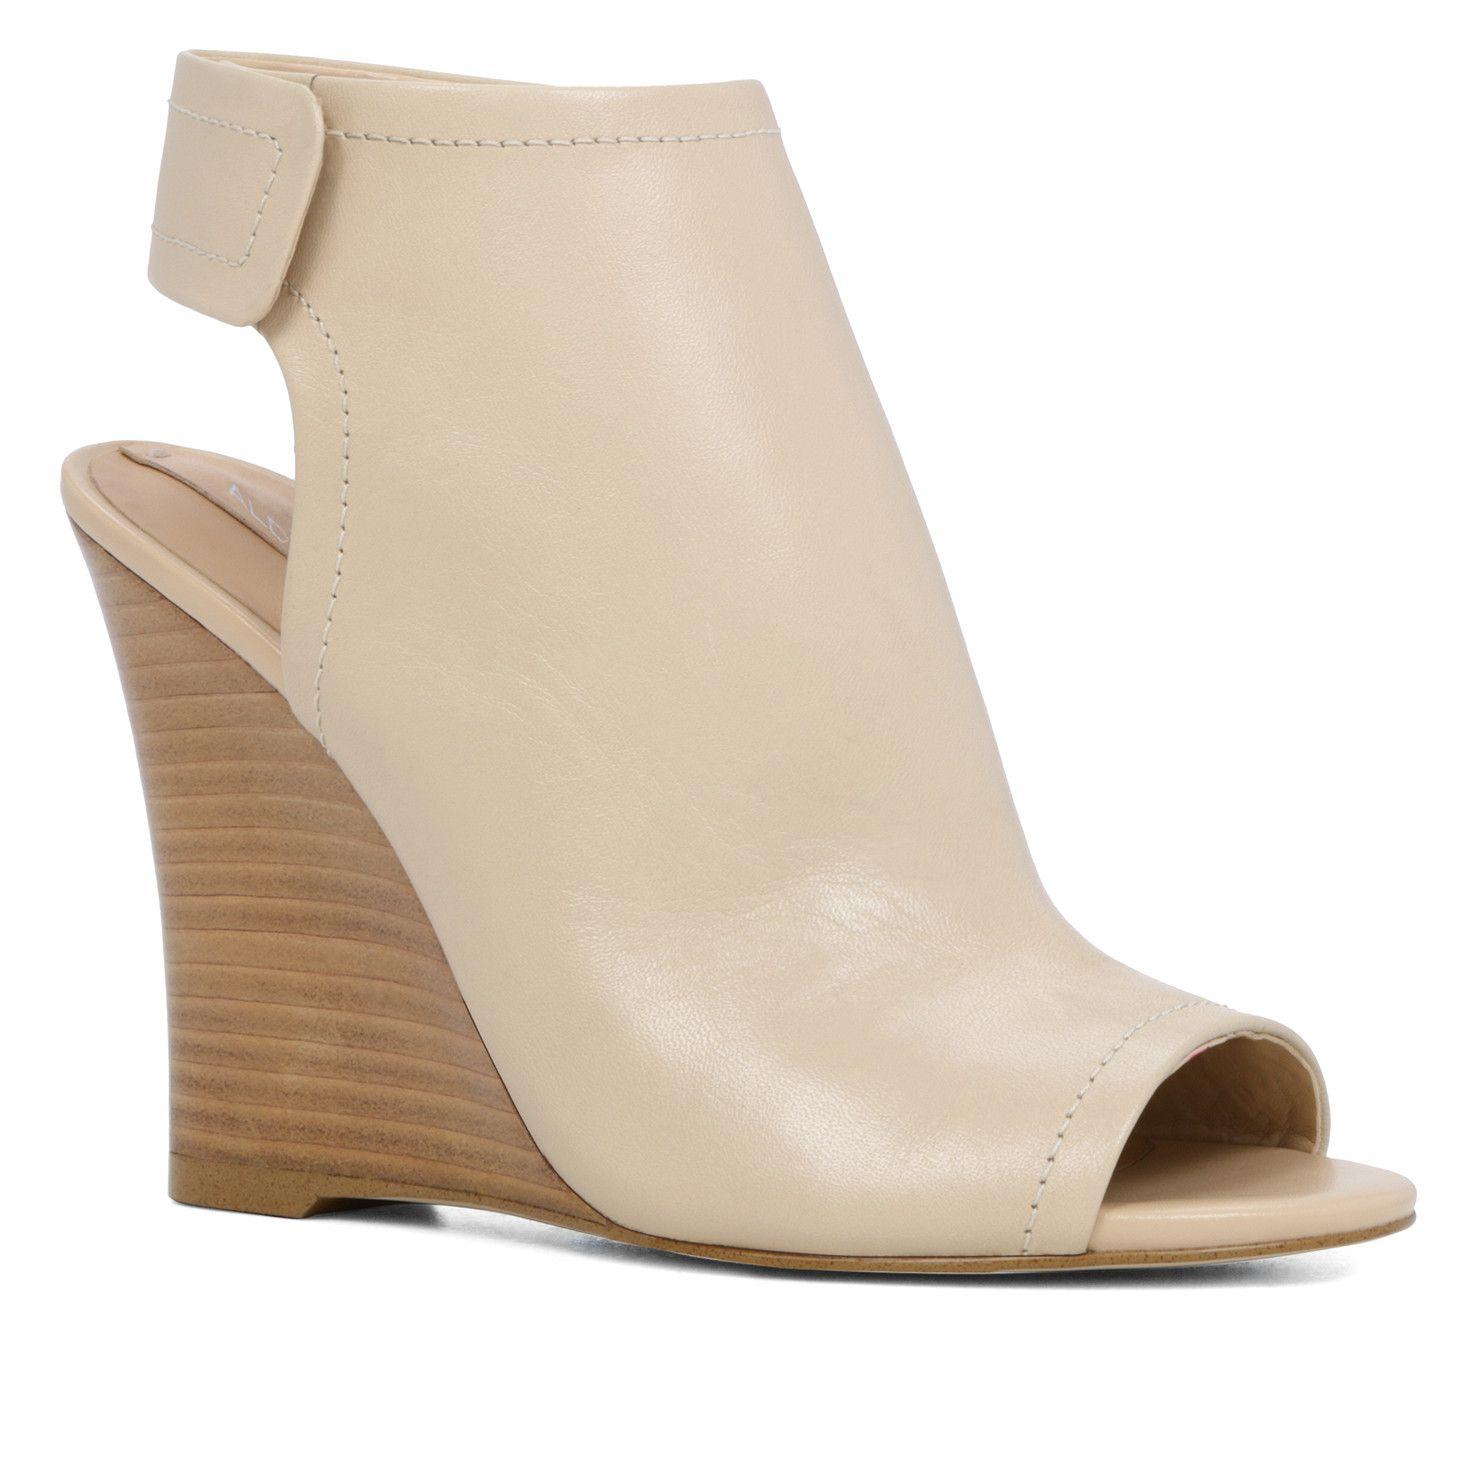 b99801a0d2 JOOST Wedges   Women's Shoes   ALDOShoes.com   .indossare   Shoes ...